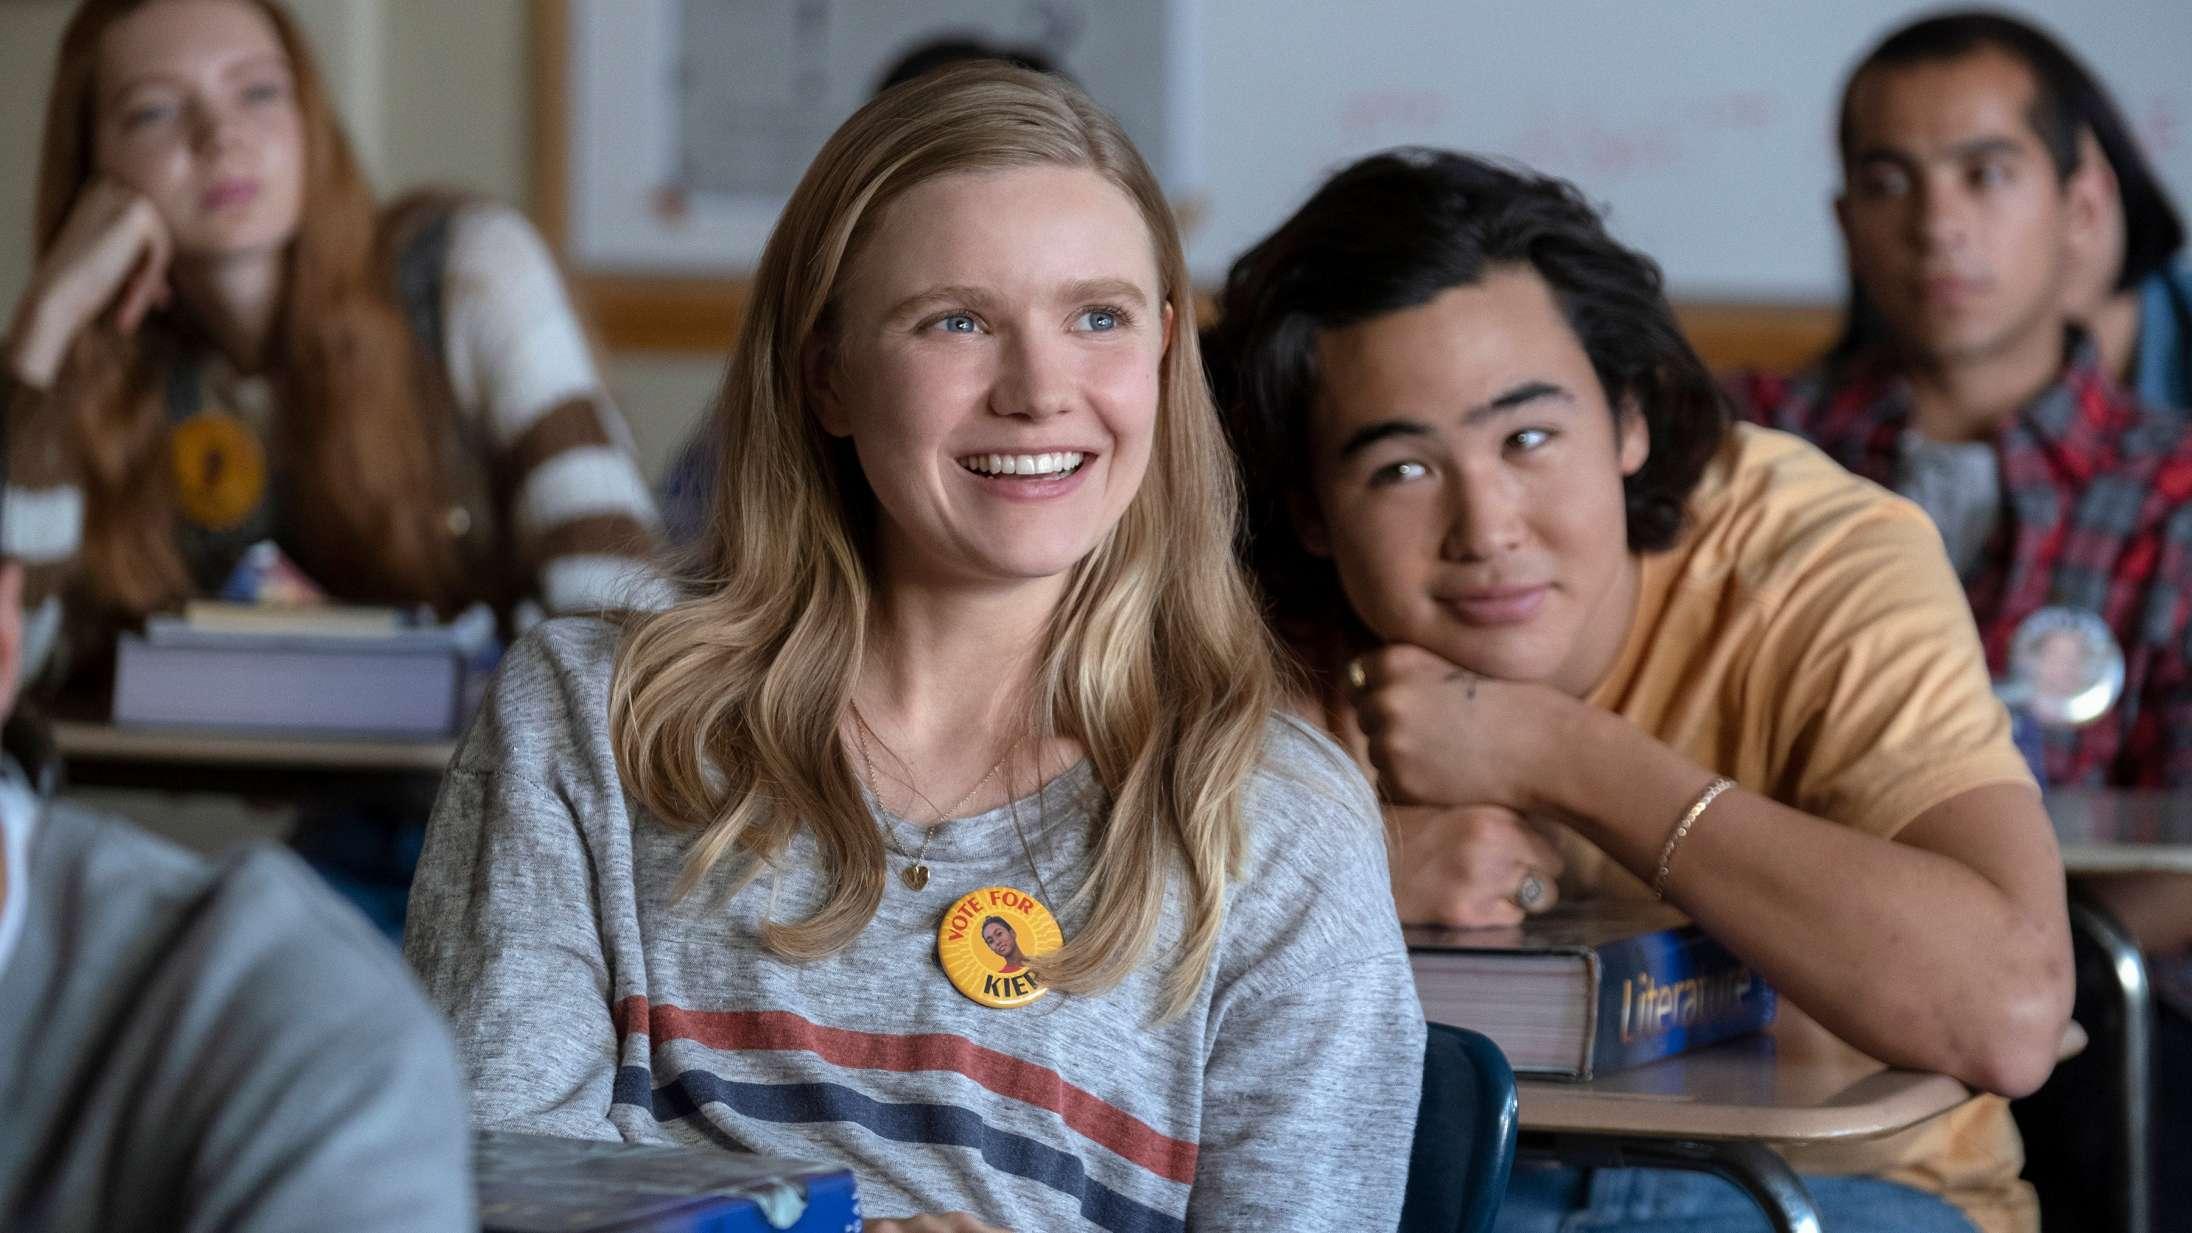 'Moxie': Hej Søster! Amy Poehlers guide til riot grrrl-musik og kamp mod hverdagssexisme er godt selskab